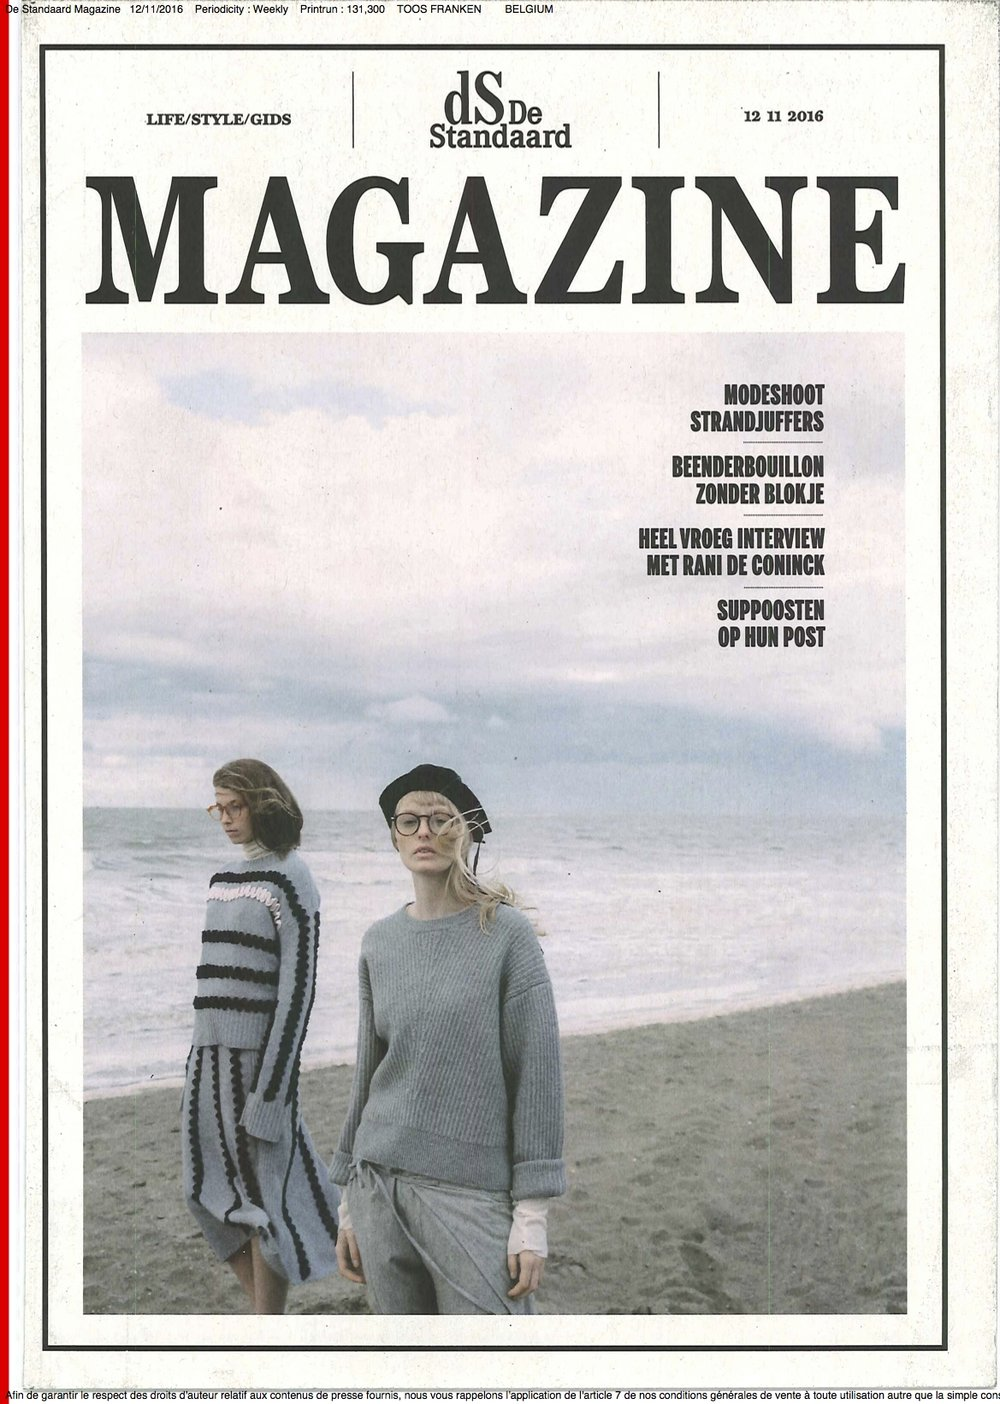 standaardmagazine.jpg